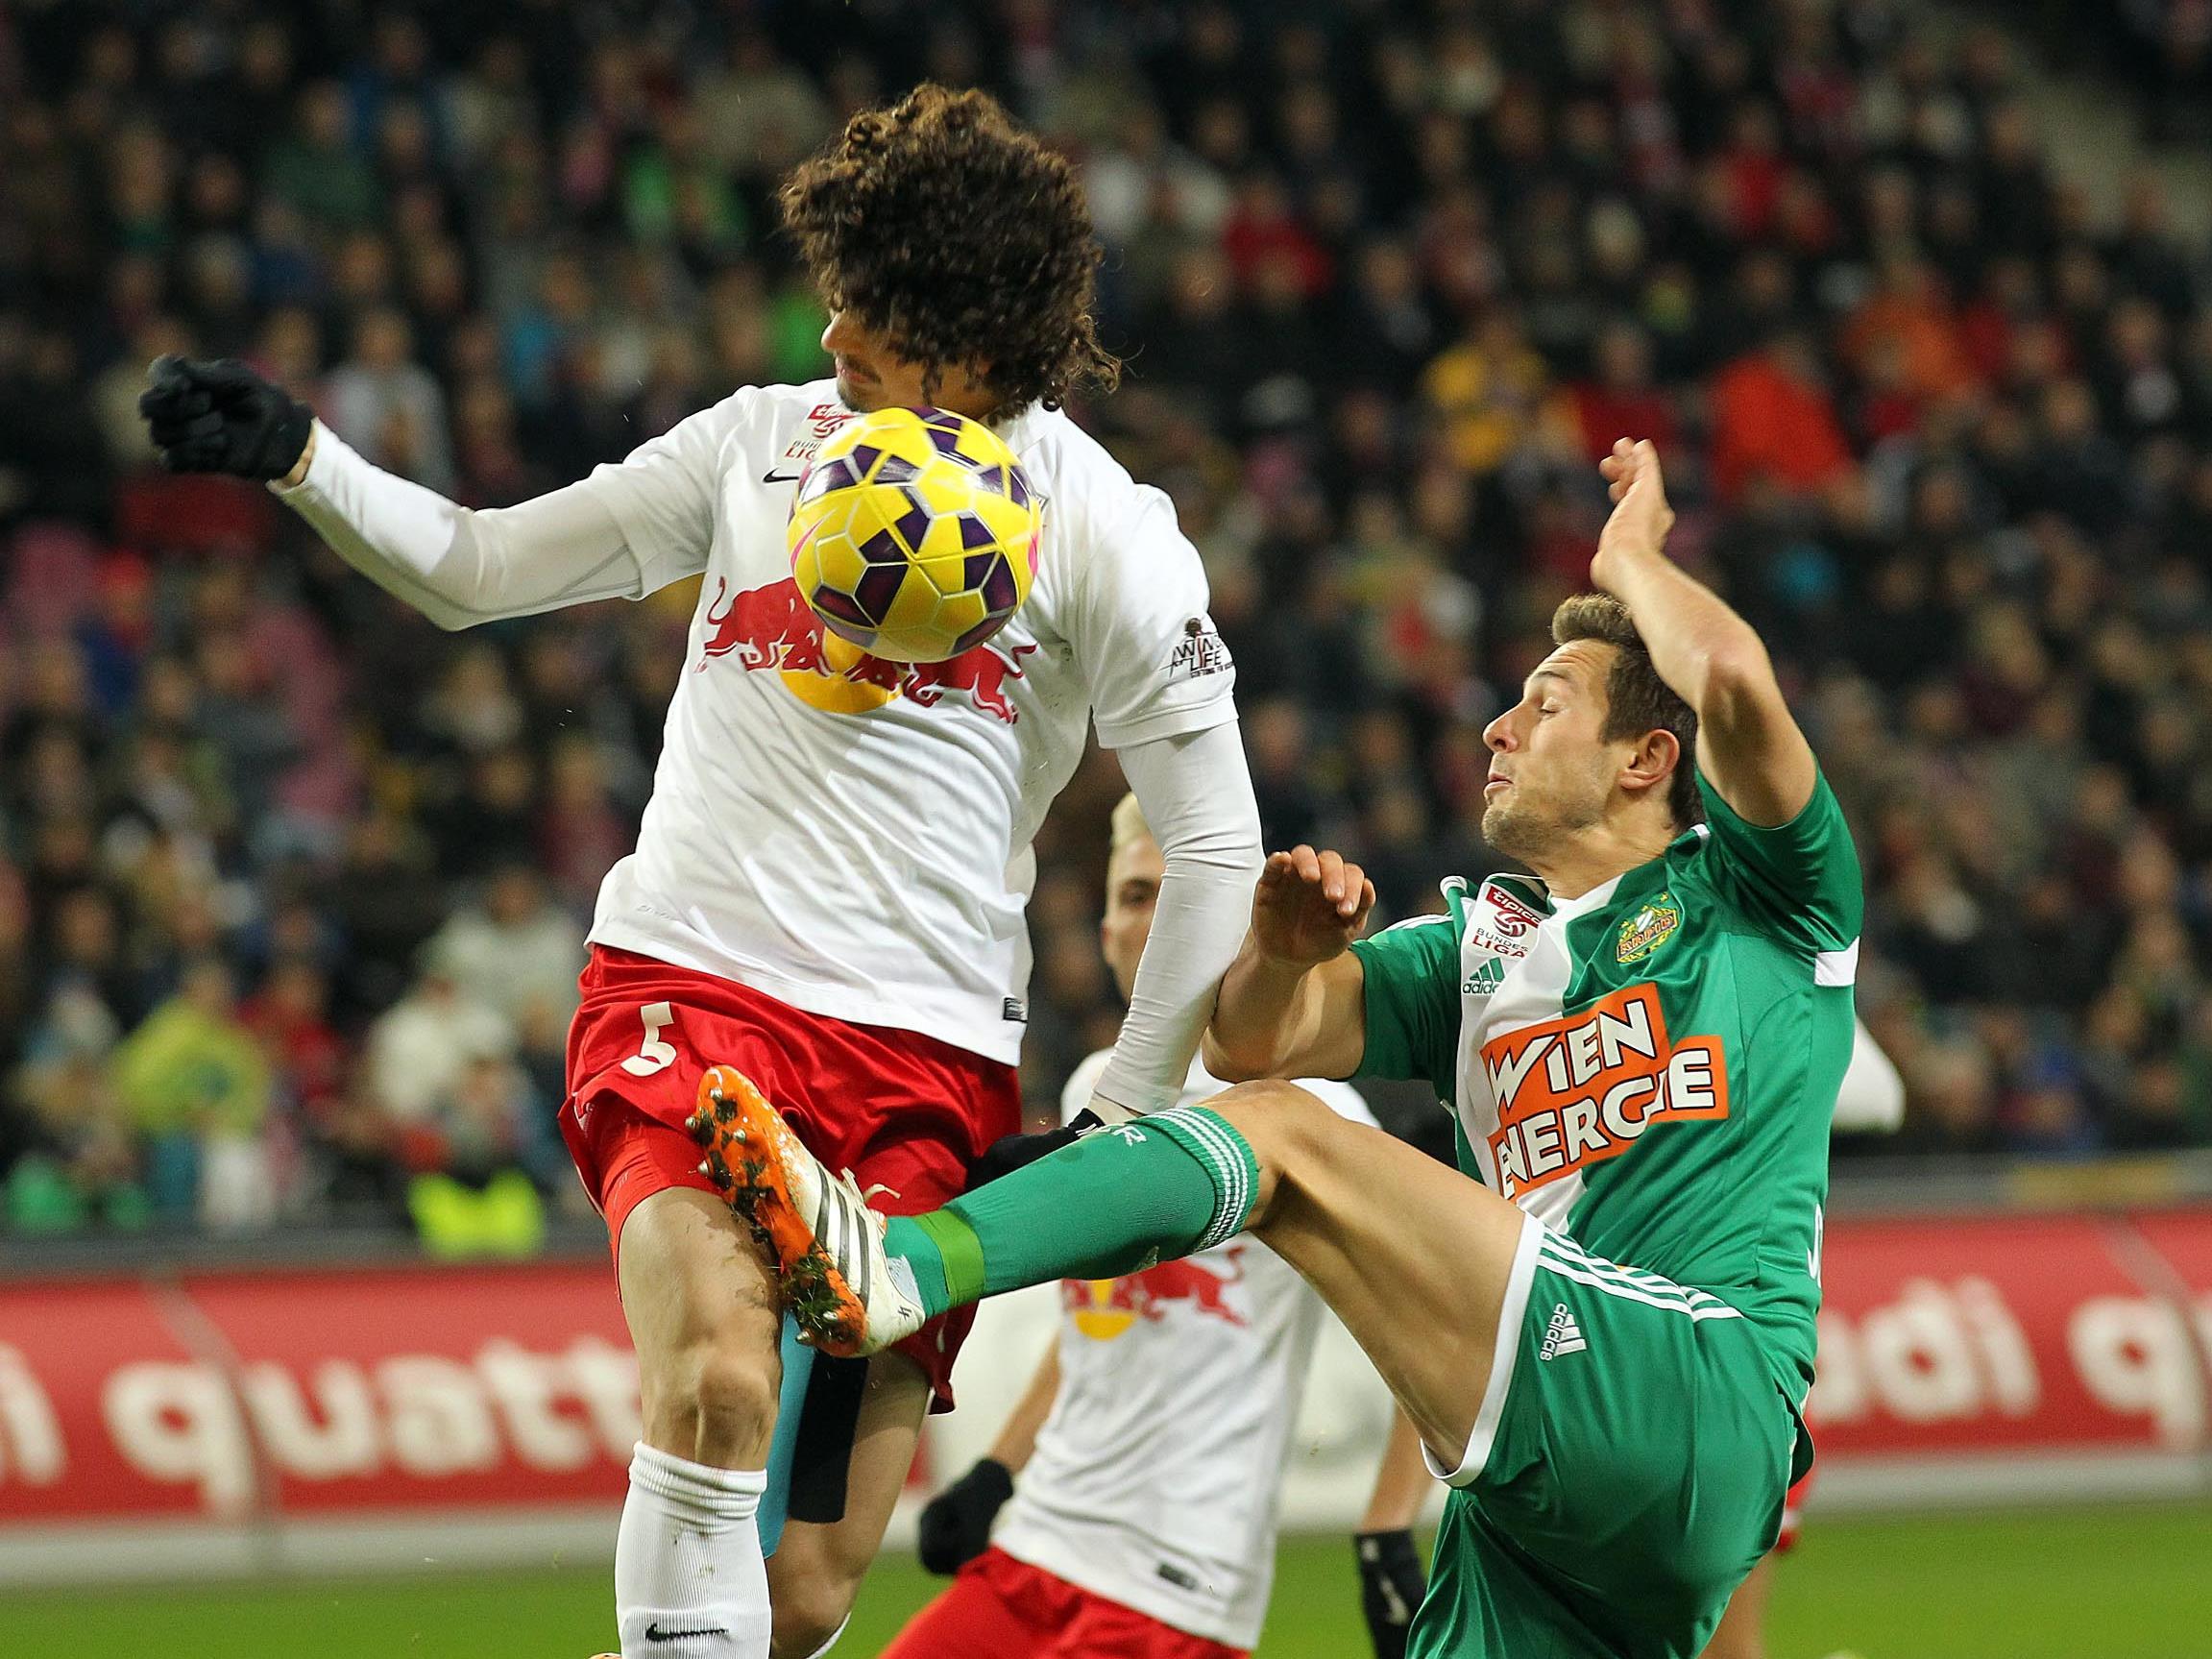 Andre Ramalho (li.) musste früh vom Feld und hinterließ eine Lücke in der Abwehr von Red Bull Salzburg.